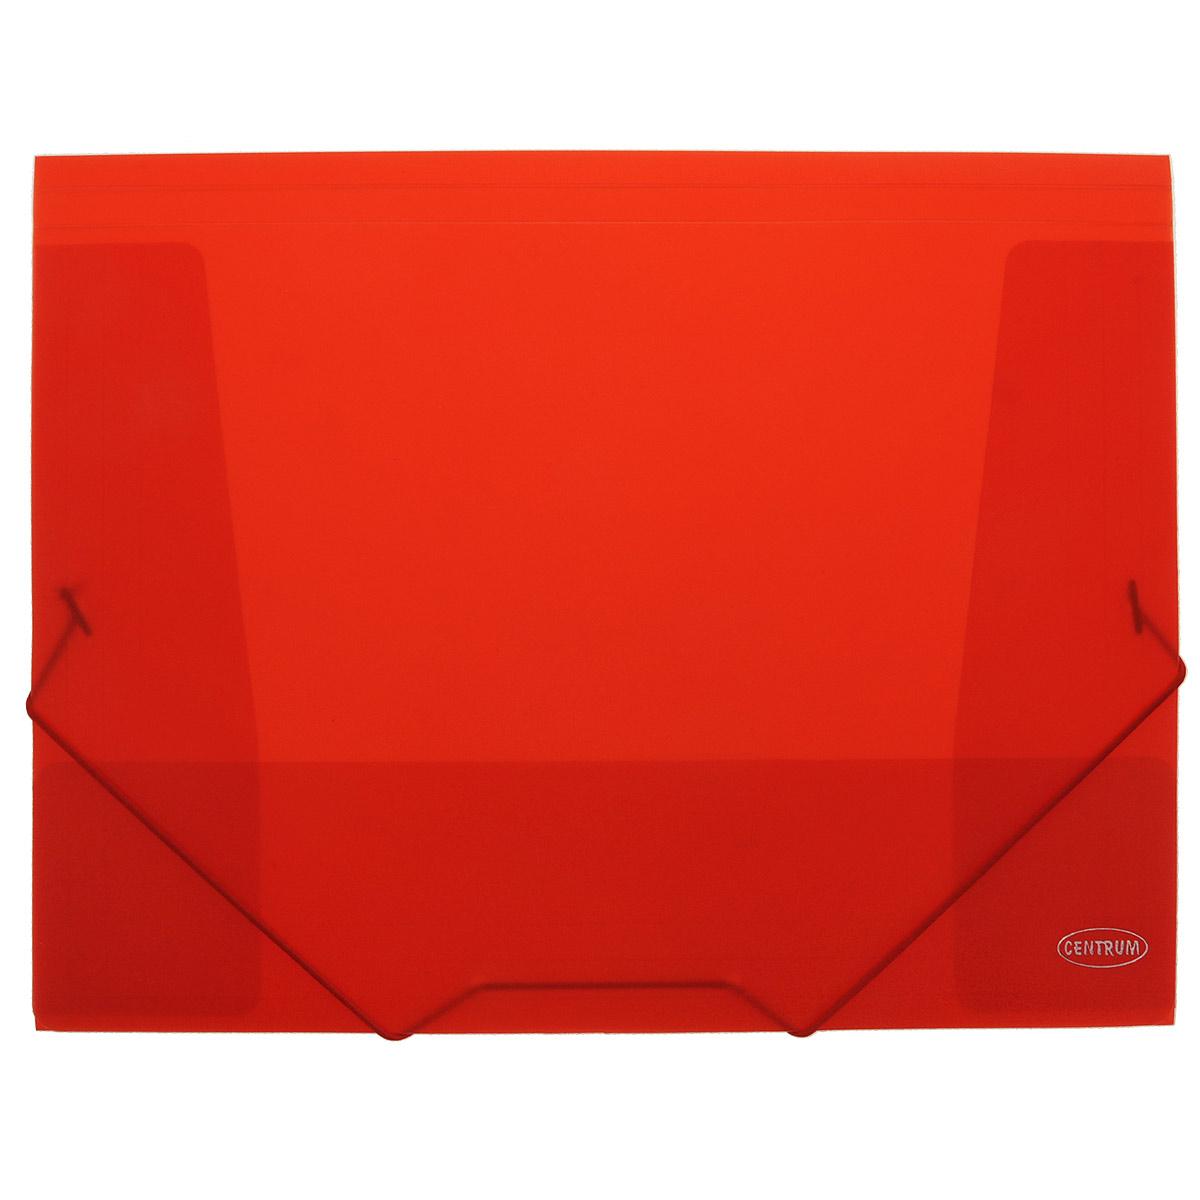 Папка на резинках Centrum пластиковая, формат А4, цвет: красный80016Папка-конверт на резинке Centrum - это удобный и функциональный офисный инструмент, предназначенный для хранения и транспортировки рабочих бумаг и документов формата А4. Папка с двойной угловой фиксацией резиновой лентой изготовлена из износостойкого полупрозрачного пластика. Внутри папка имеет три клапана, что обеспечивает надежную фиксацию бумаг и документов. Папка - это незаменимый атрибут для студента, школьника, офисного работника. Такая папка надежно сохранит ваши документы и сбережет их от повреждений, пыли и влаги.